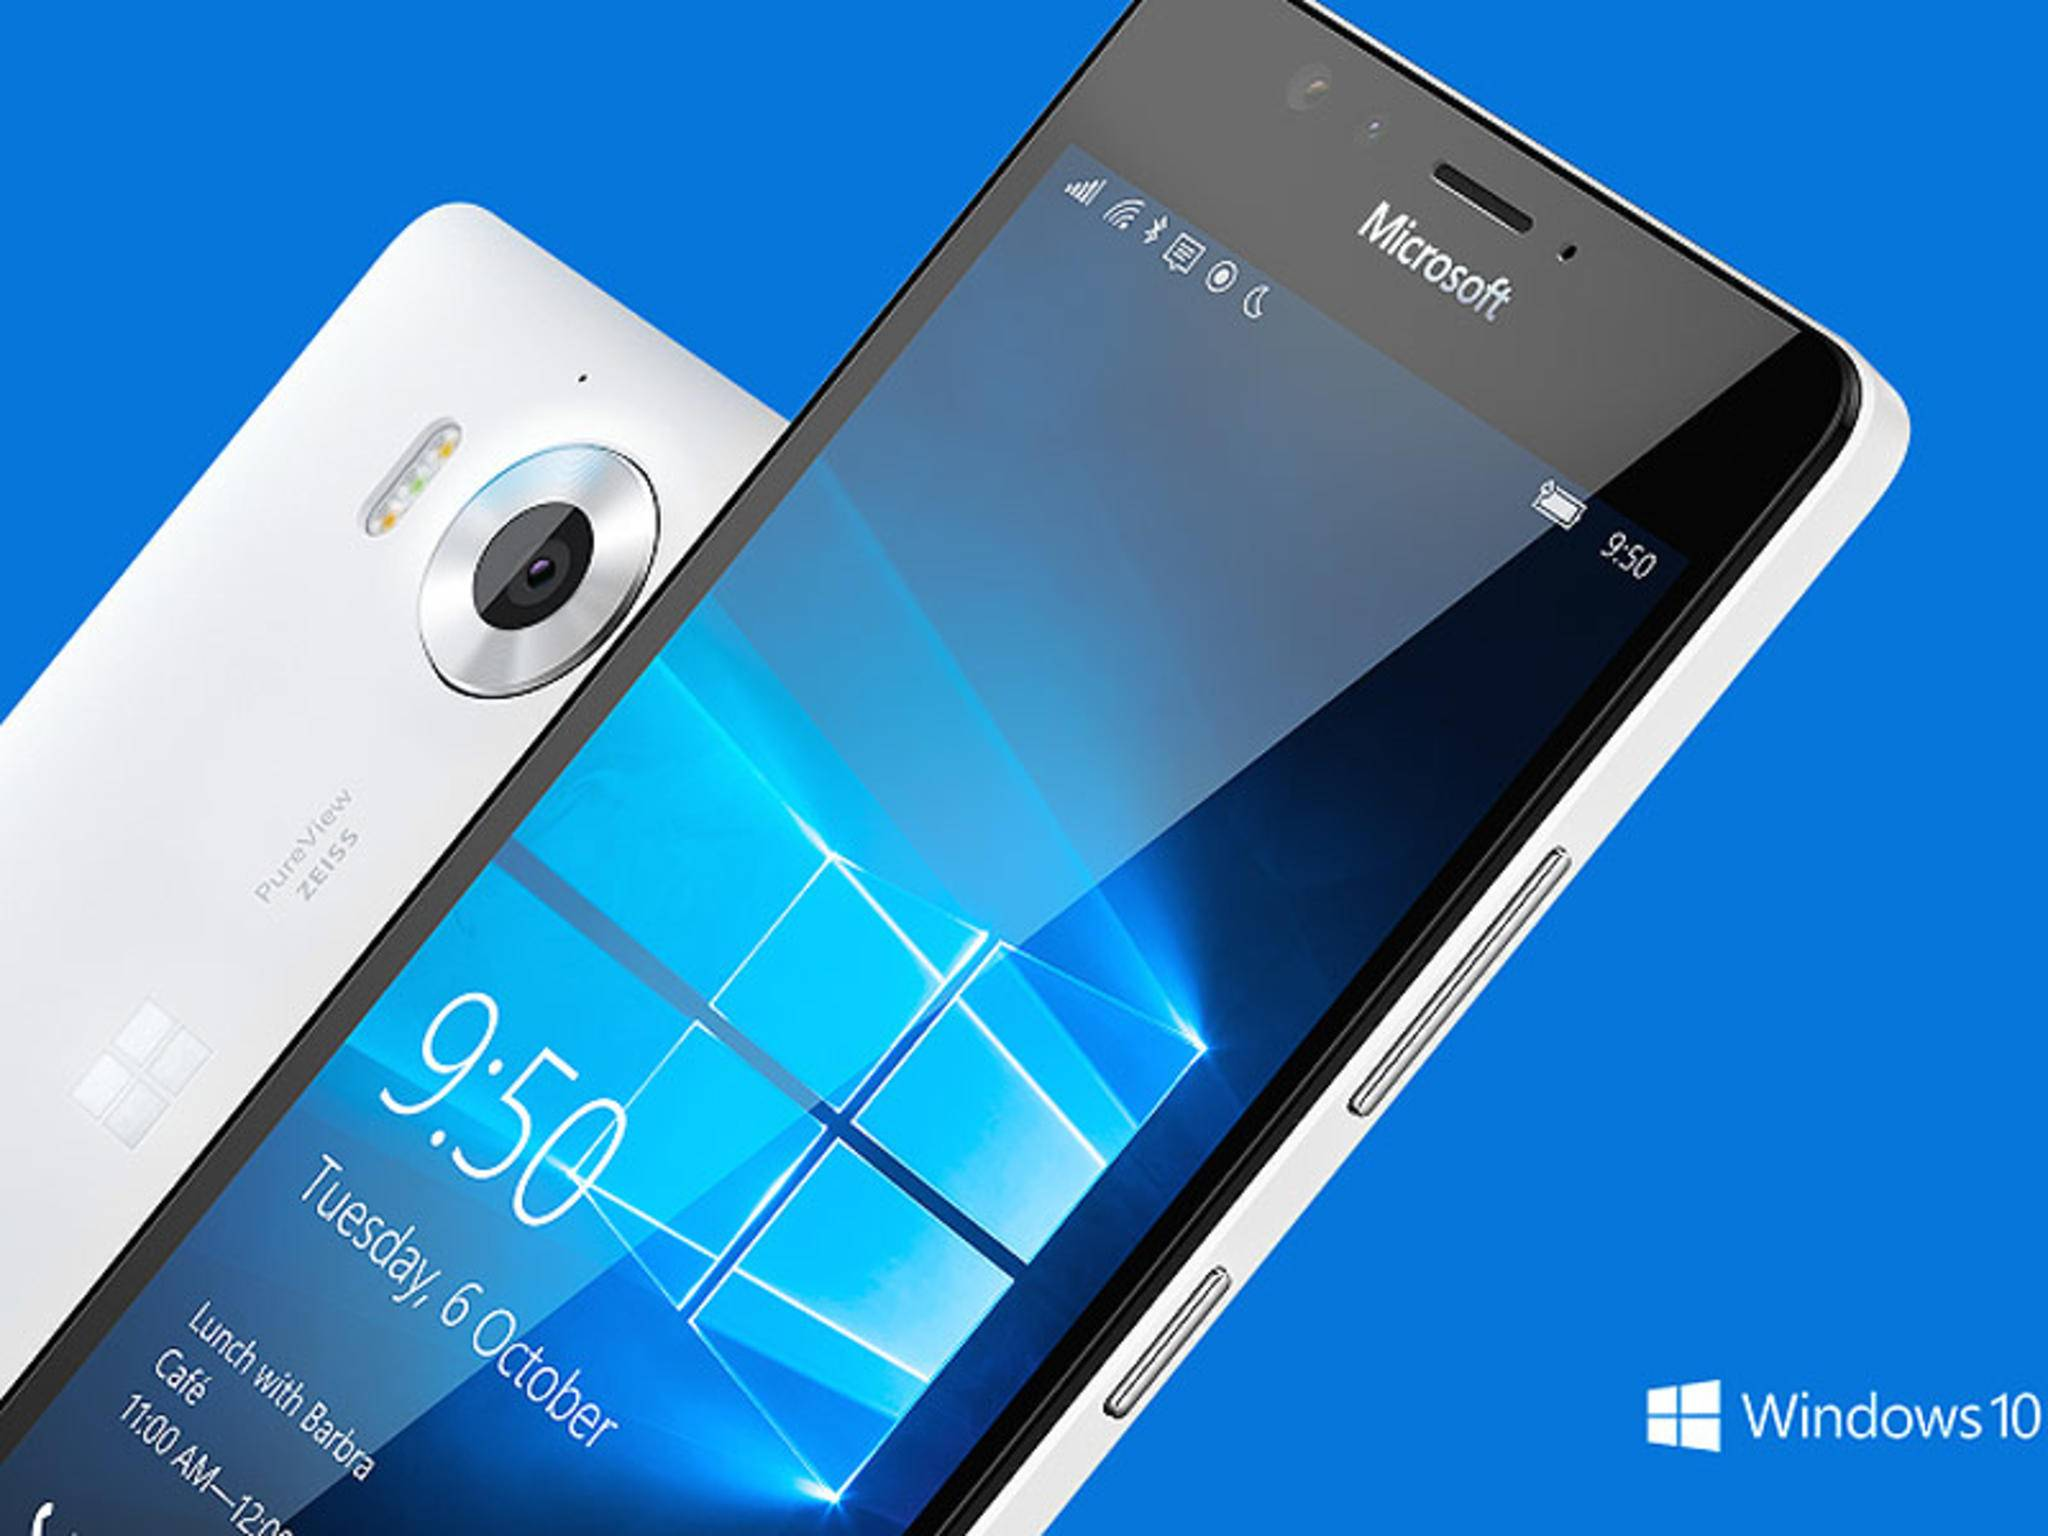 Das Lumia 950 ist das neue Flaggschiff für Windows 10 Mobile.